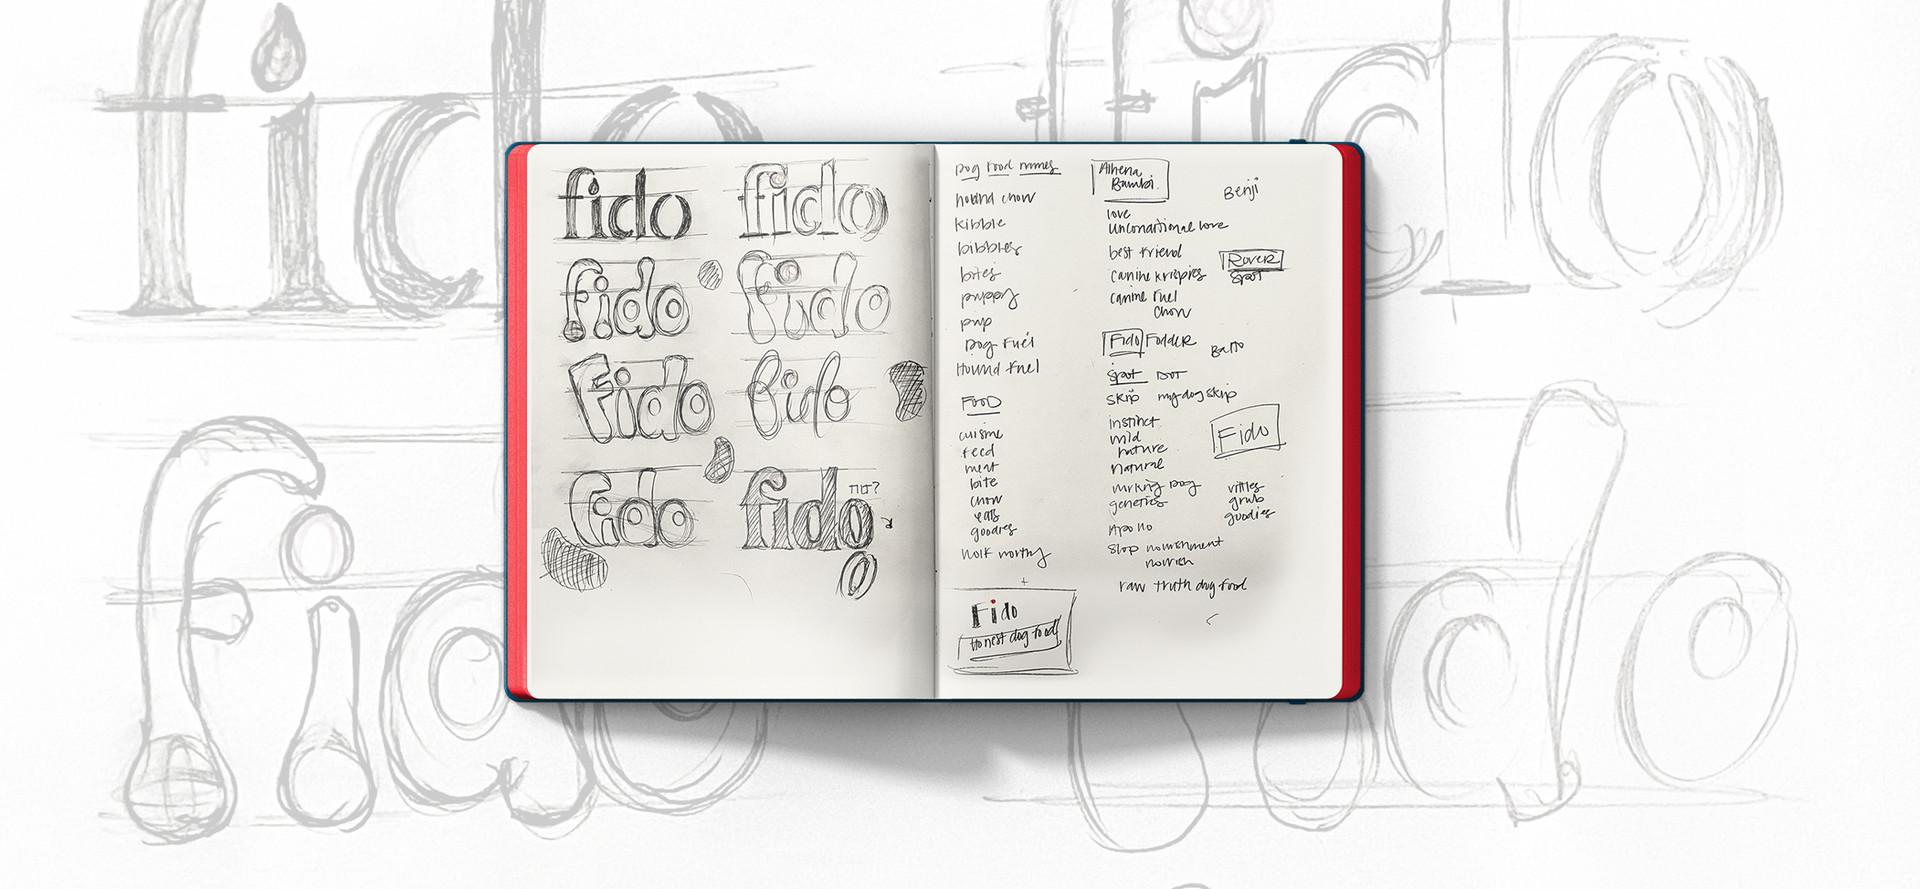 AreiaDesign-Fido-1_2.jpg